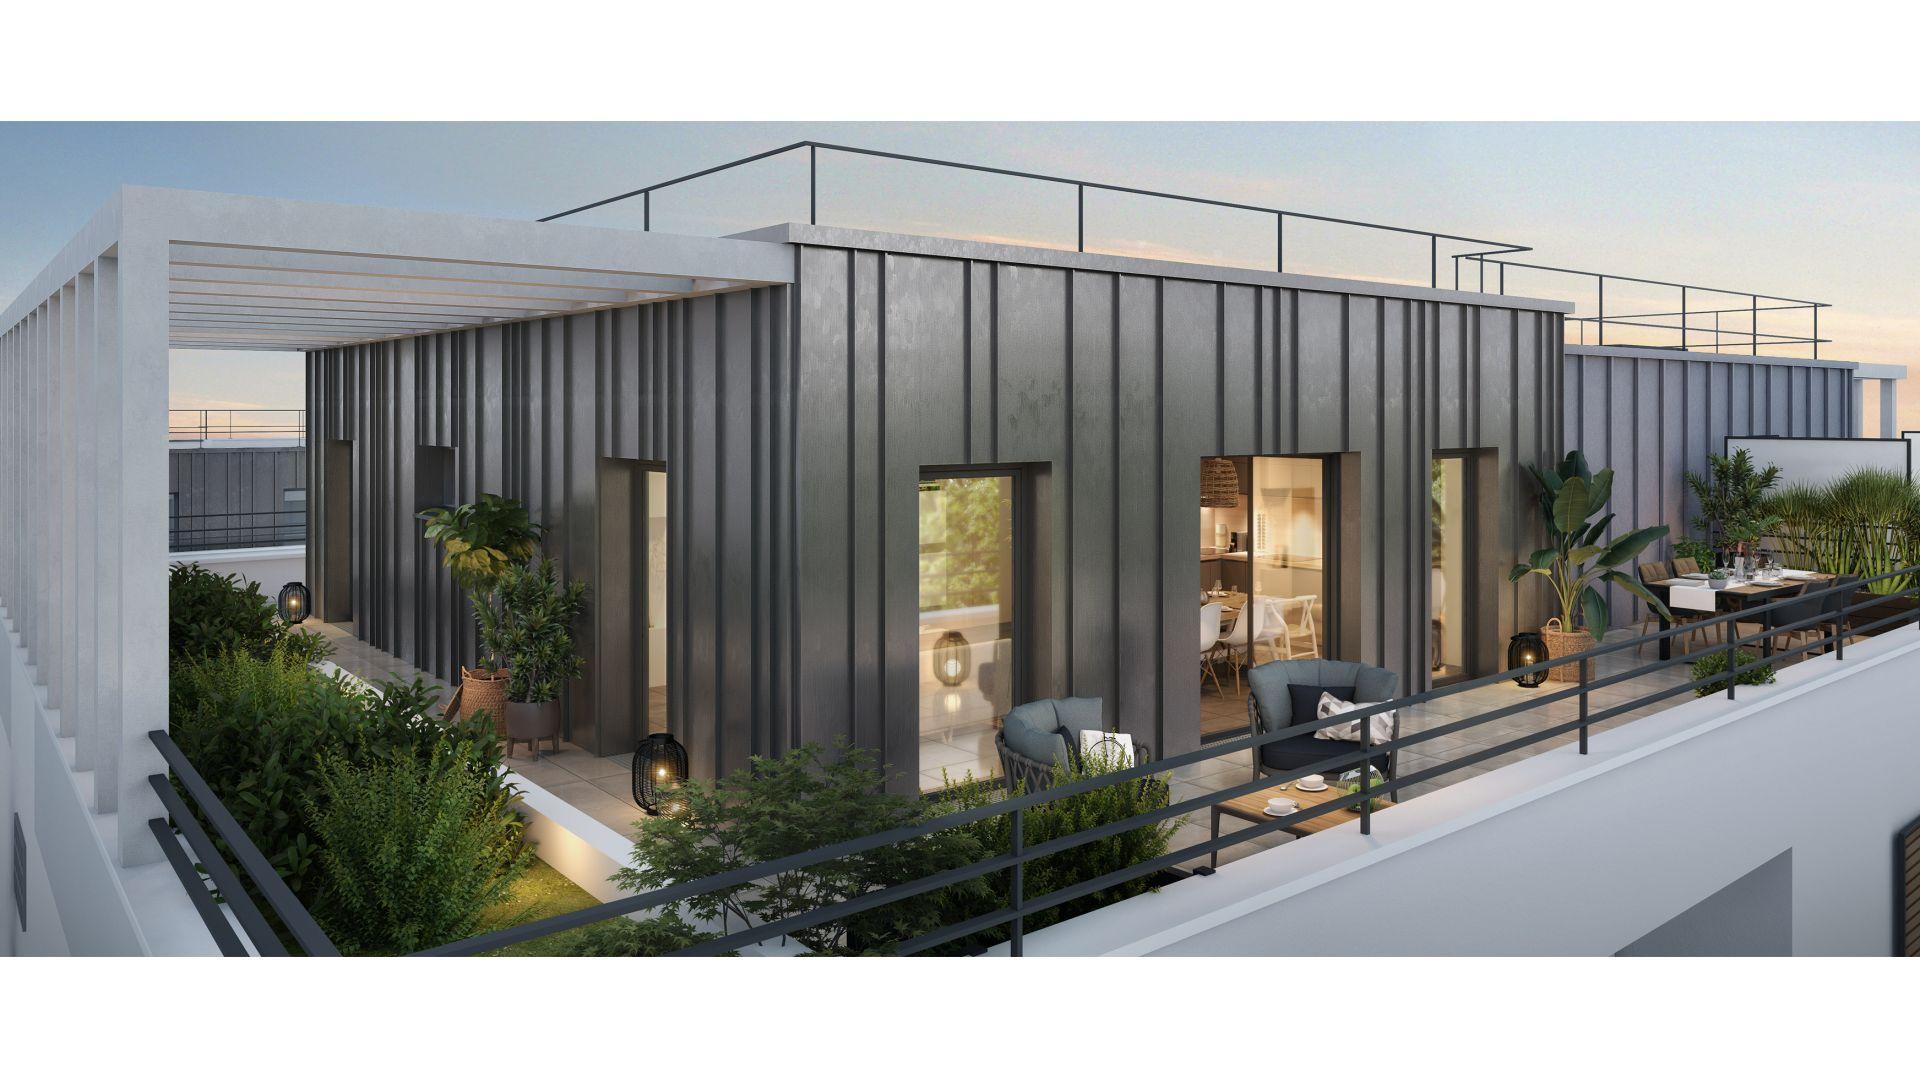 Greencity Immobilier - Résidence Le Régent - achat appartements du T1au T4 - Bagnolet 93170 - vue terrasse